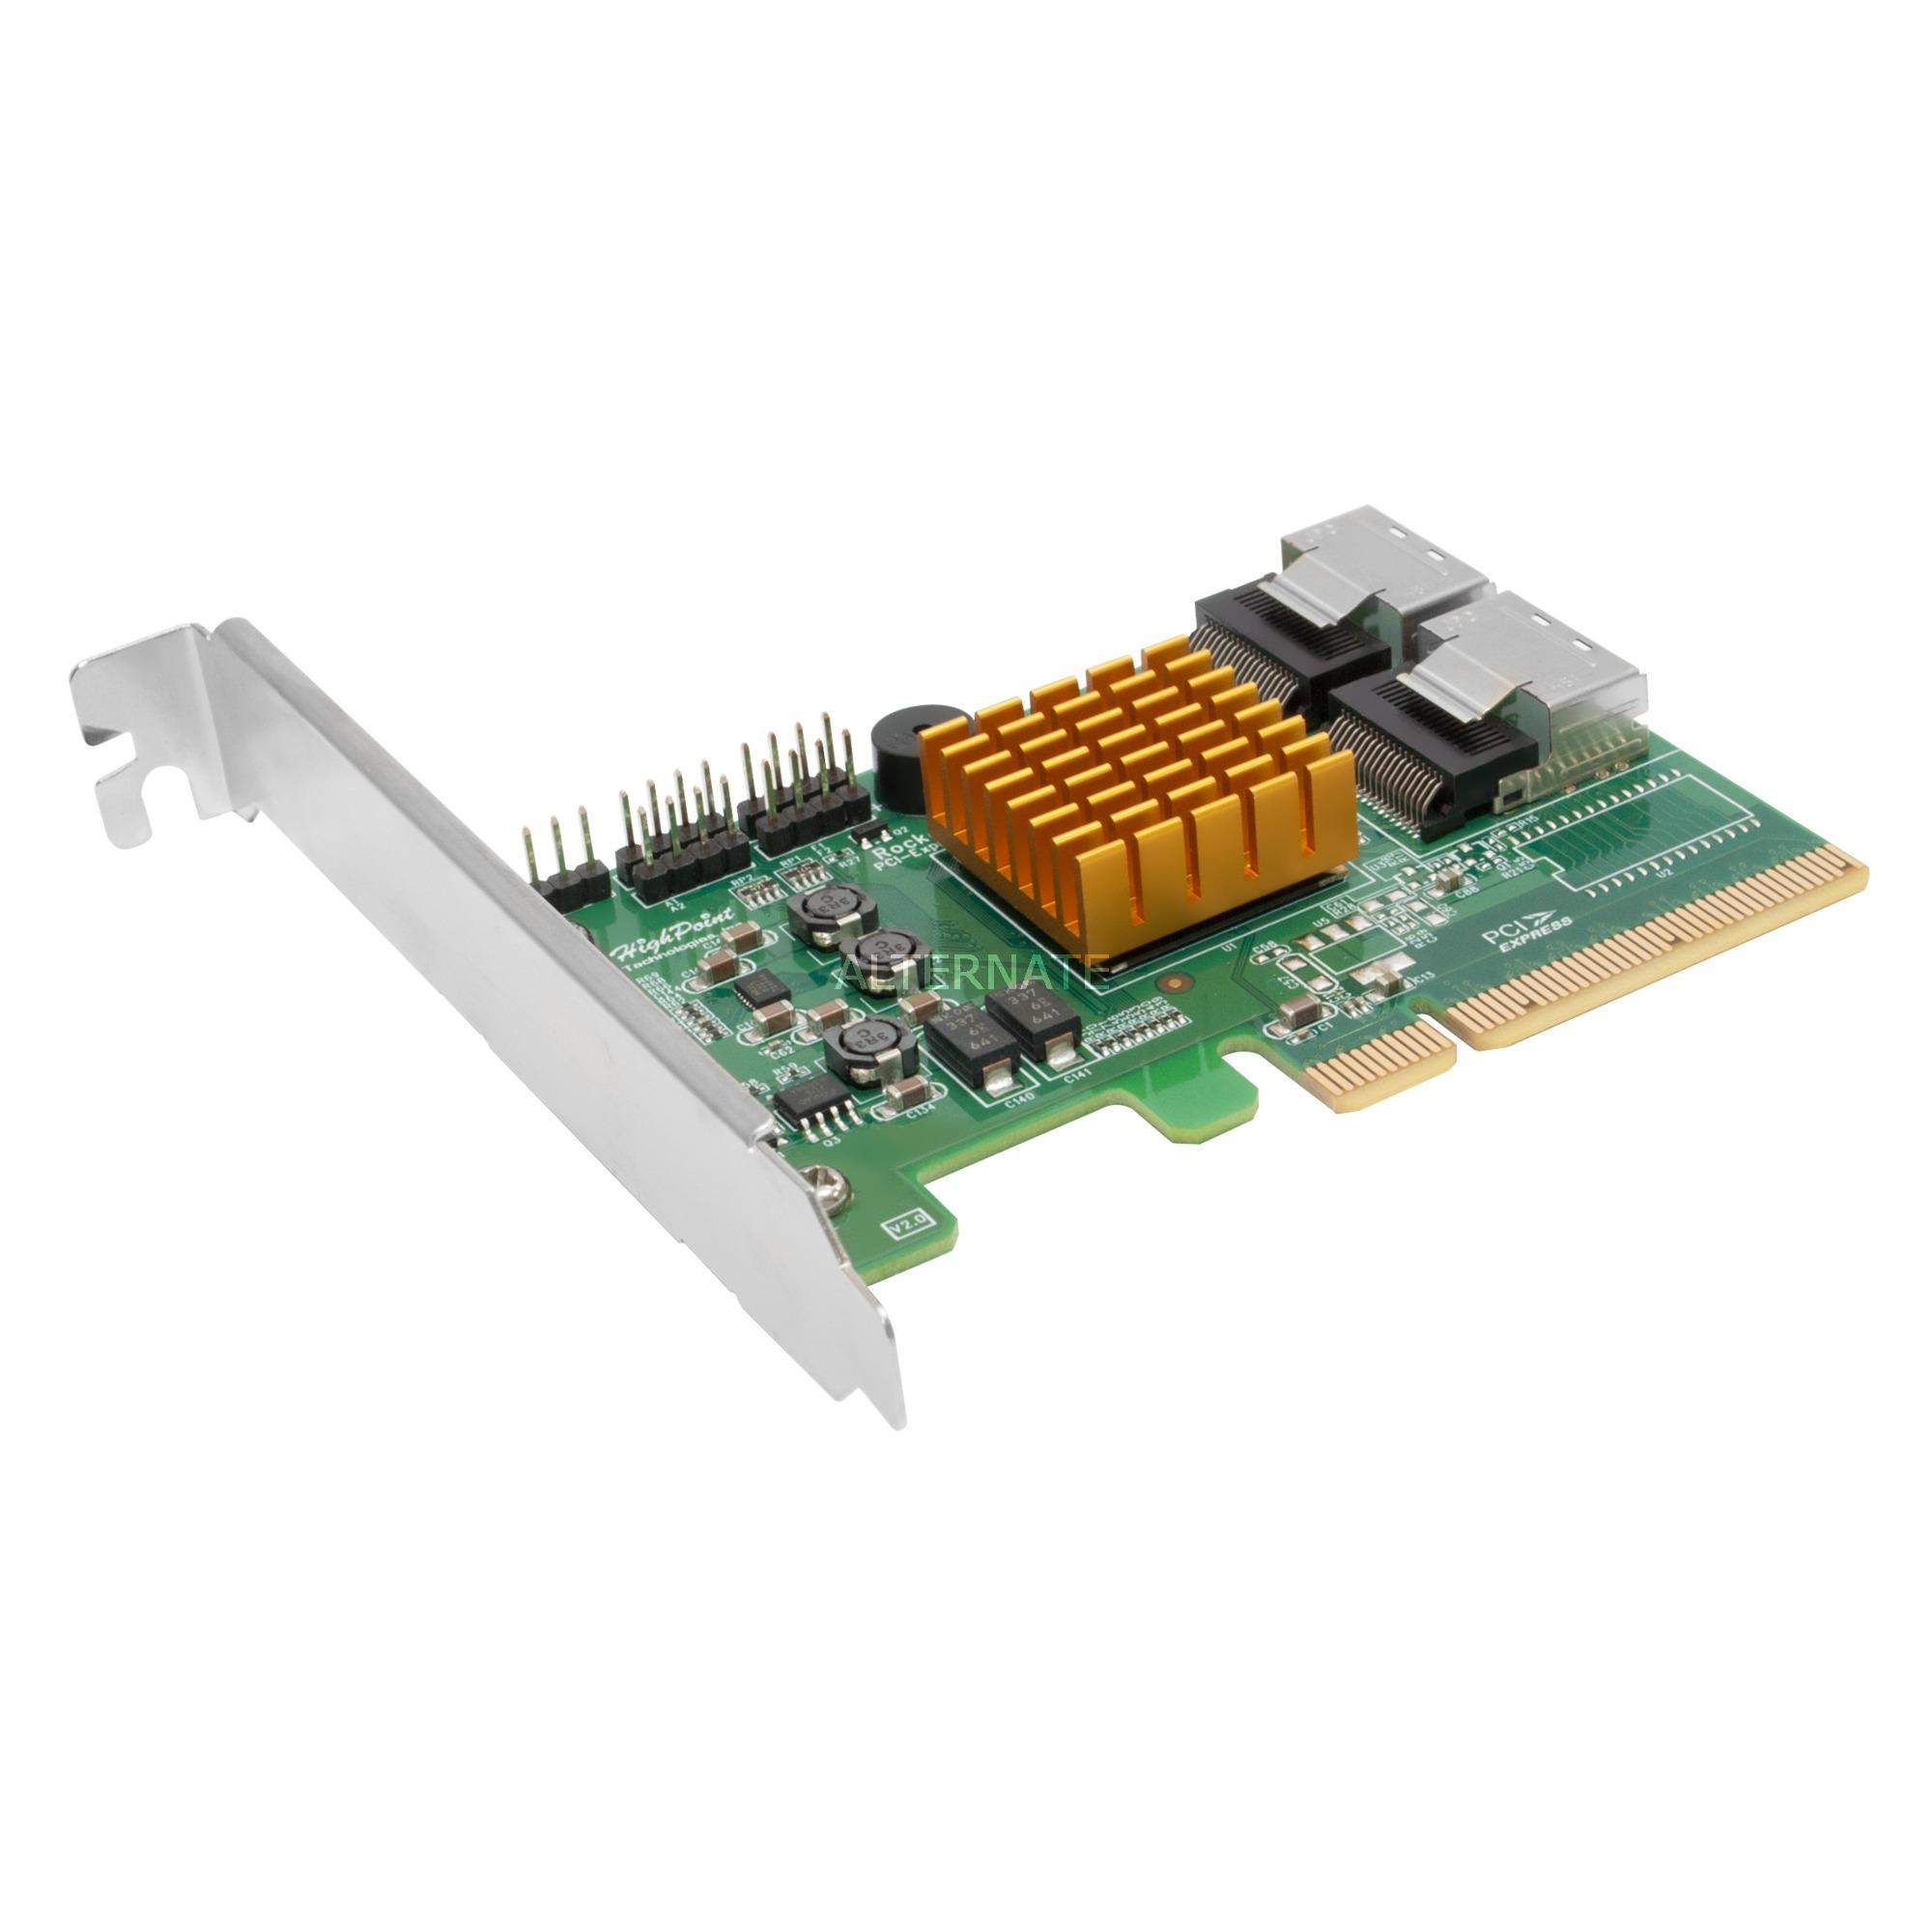 RocketRAID 2720SGL tarjeta y adaptador de interfaz mini SAS Interno, Controlador